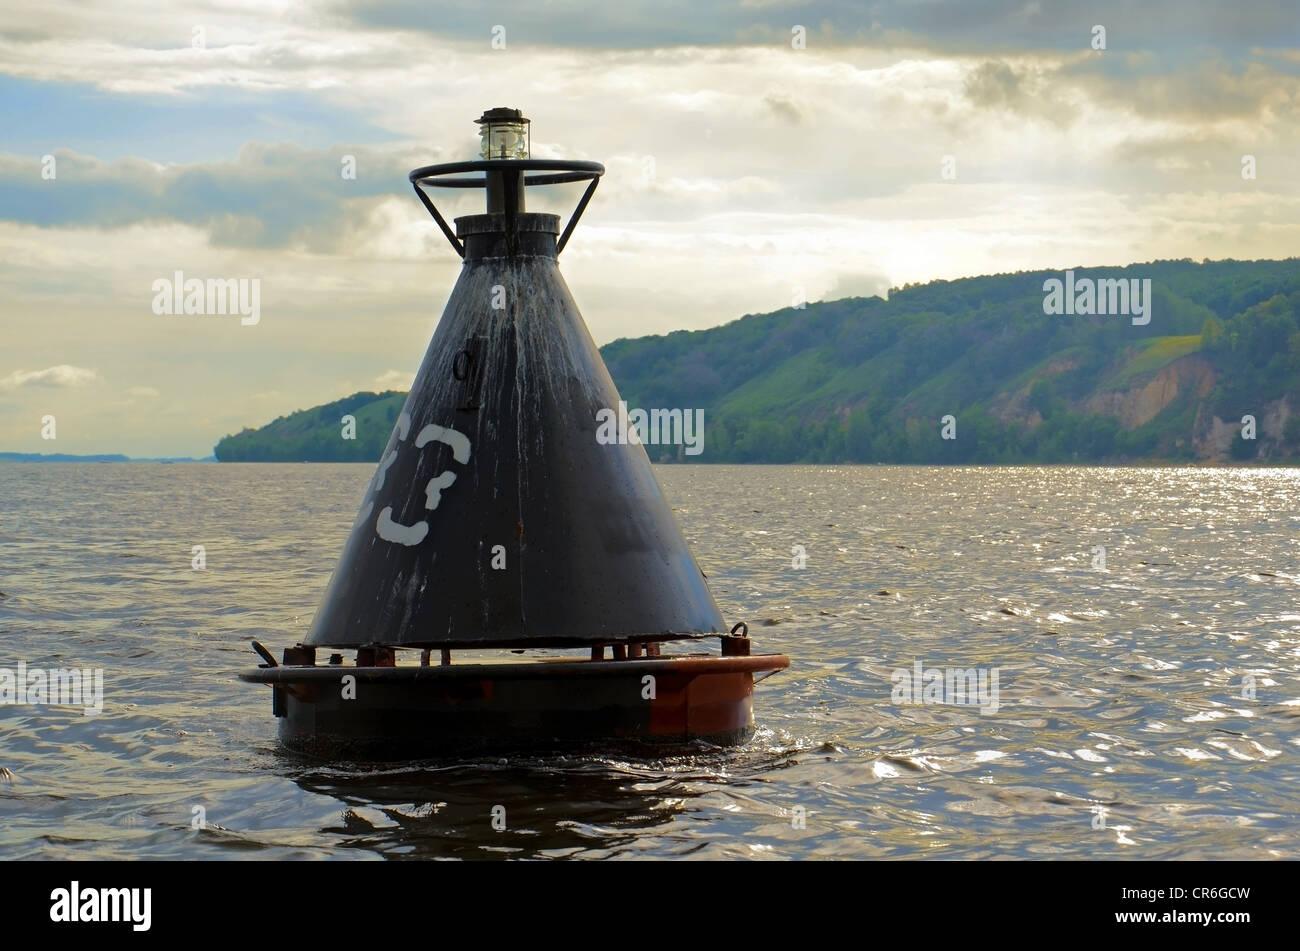 Il vecchio faro nero boa sul fiume Volga. Immagini Stock